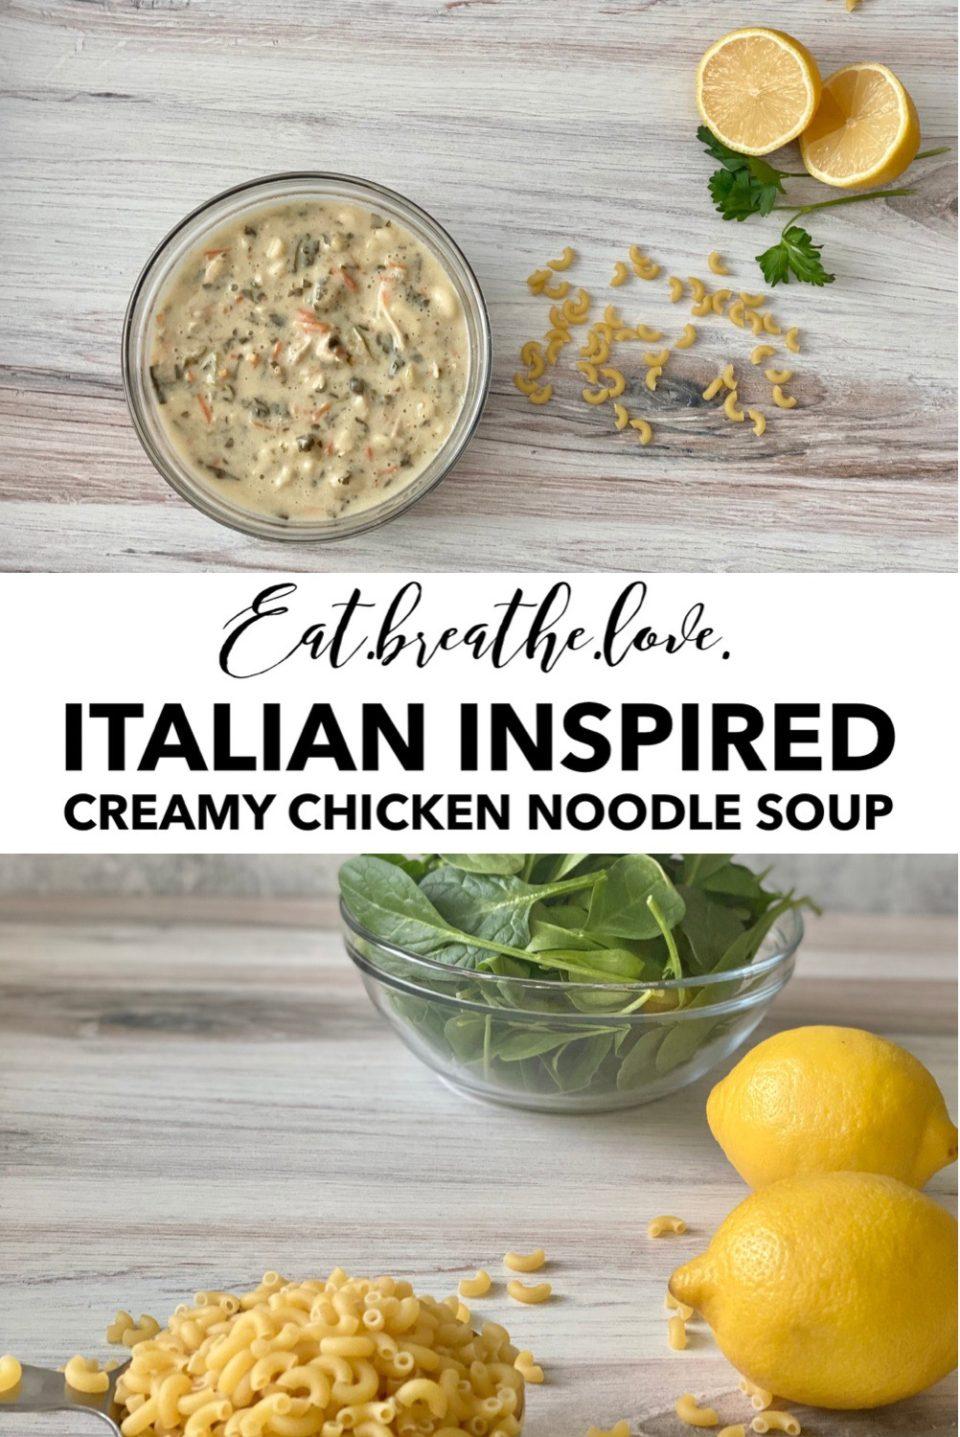 Italian Inspired Creamy Chicken Noodle Soup    www.eatbreathelove.net